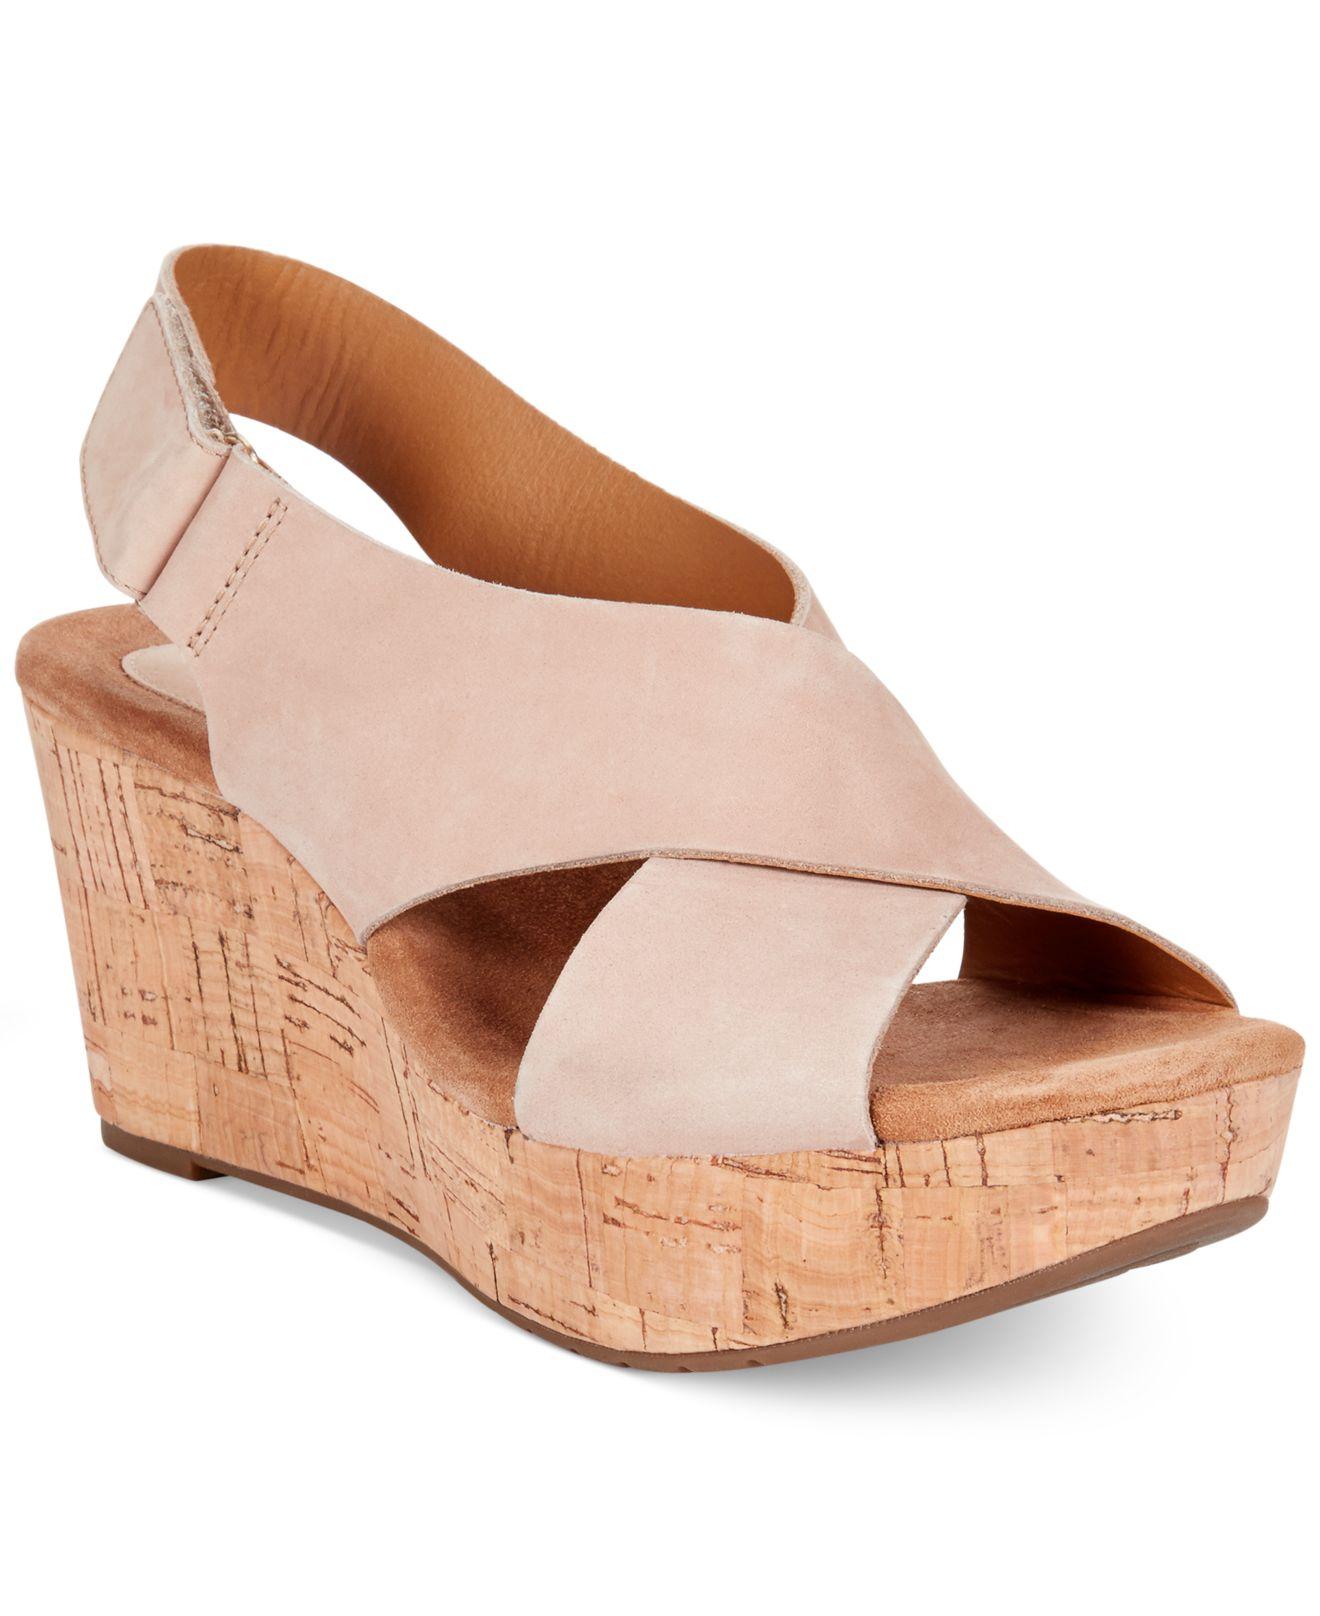 Elegant Clarks Womenu2019s Morse Tour Sandals In Denim U2013 Uwomenshoe